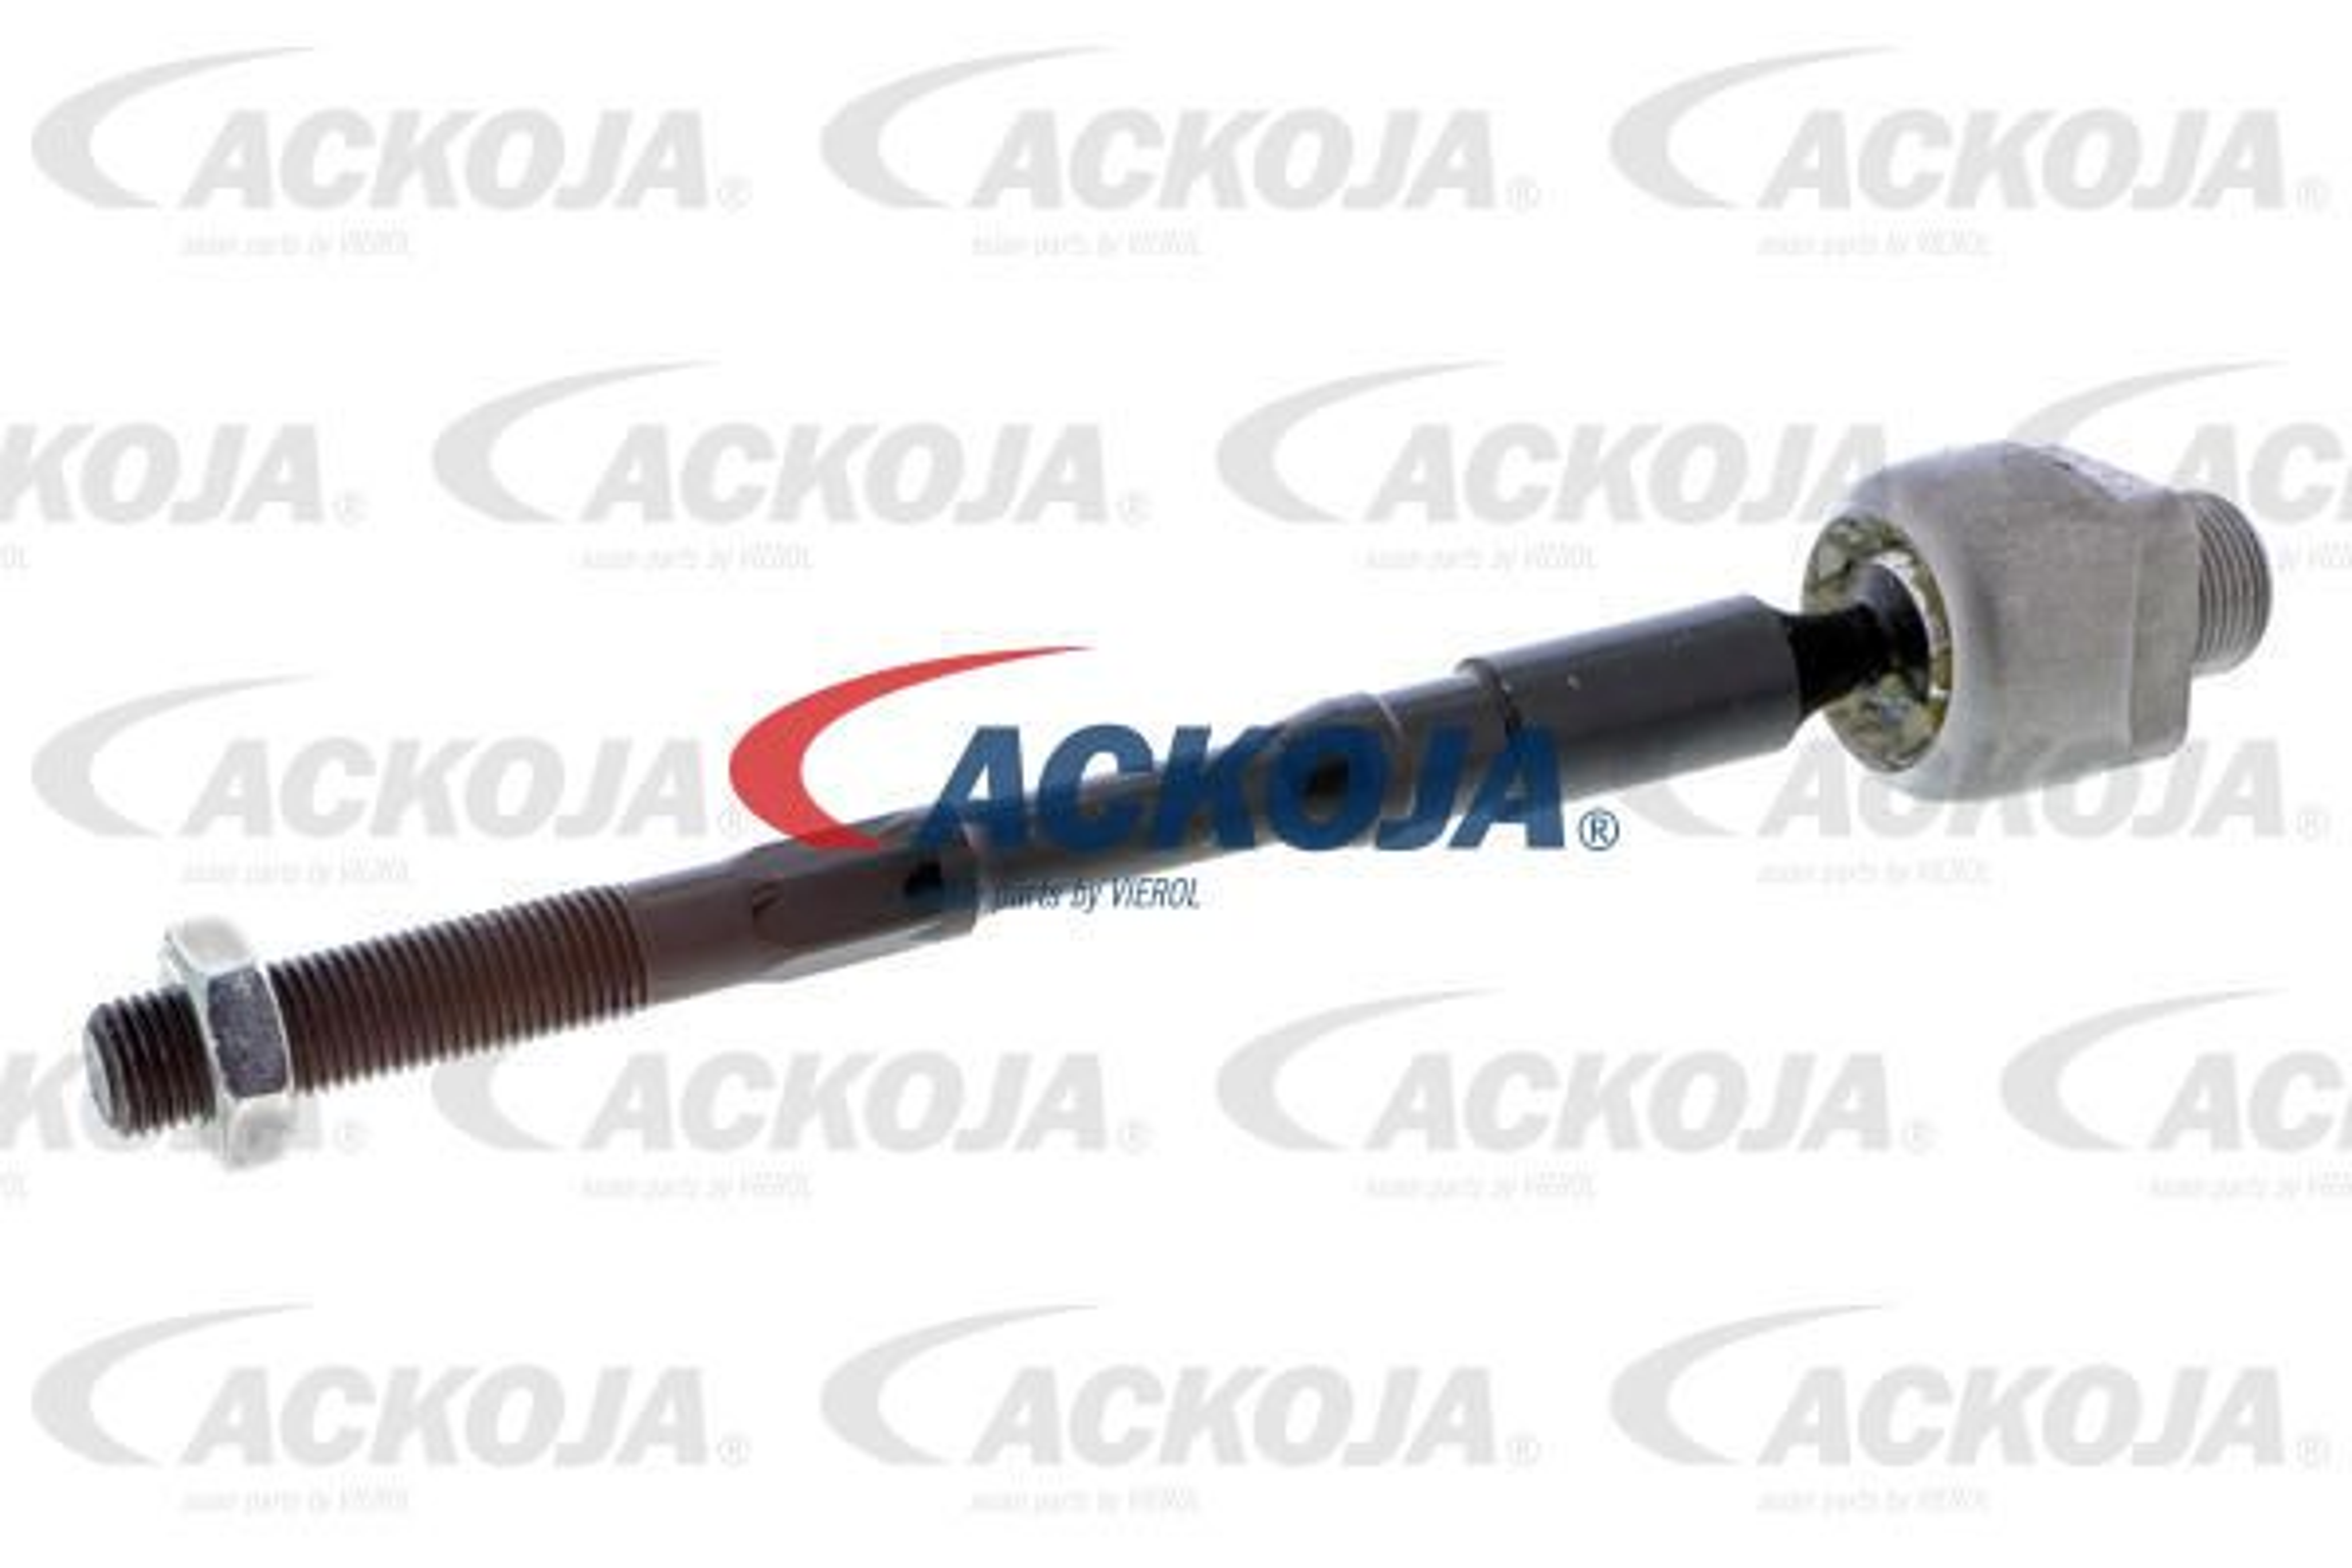 Articulación axial barra de dirección A38-1101 ACKOJA — Solo piezas de recambio nuevas